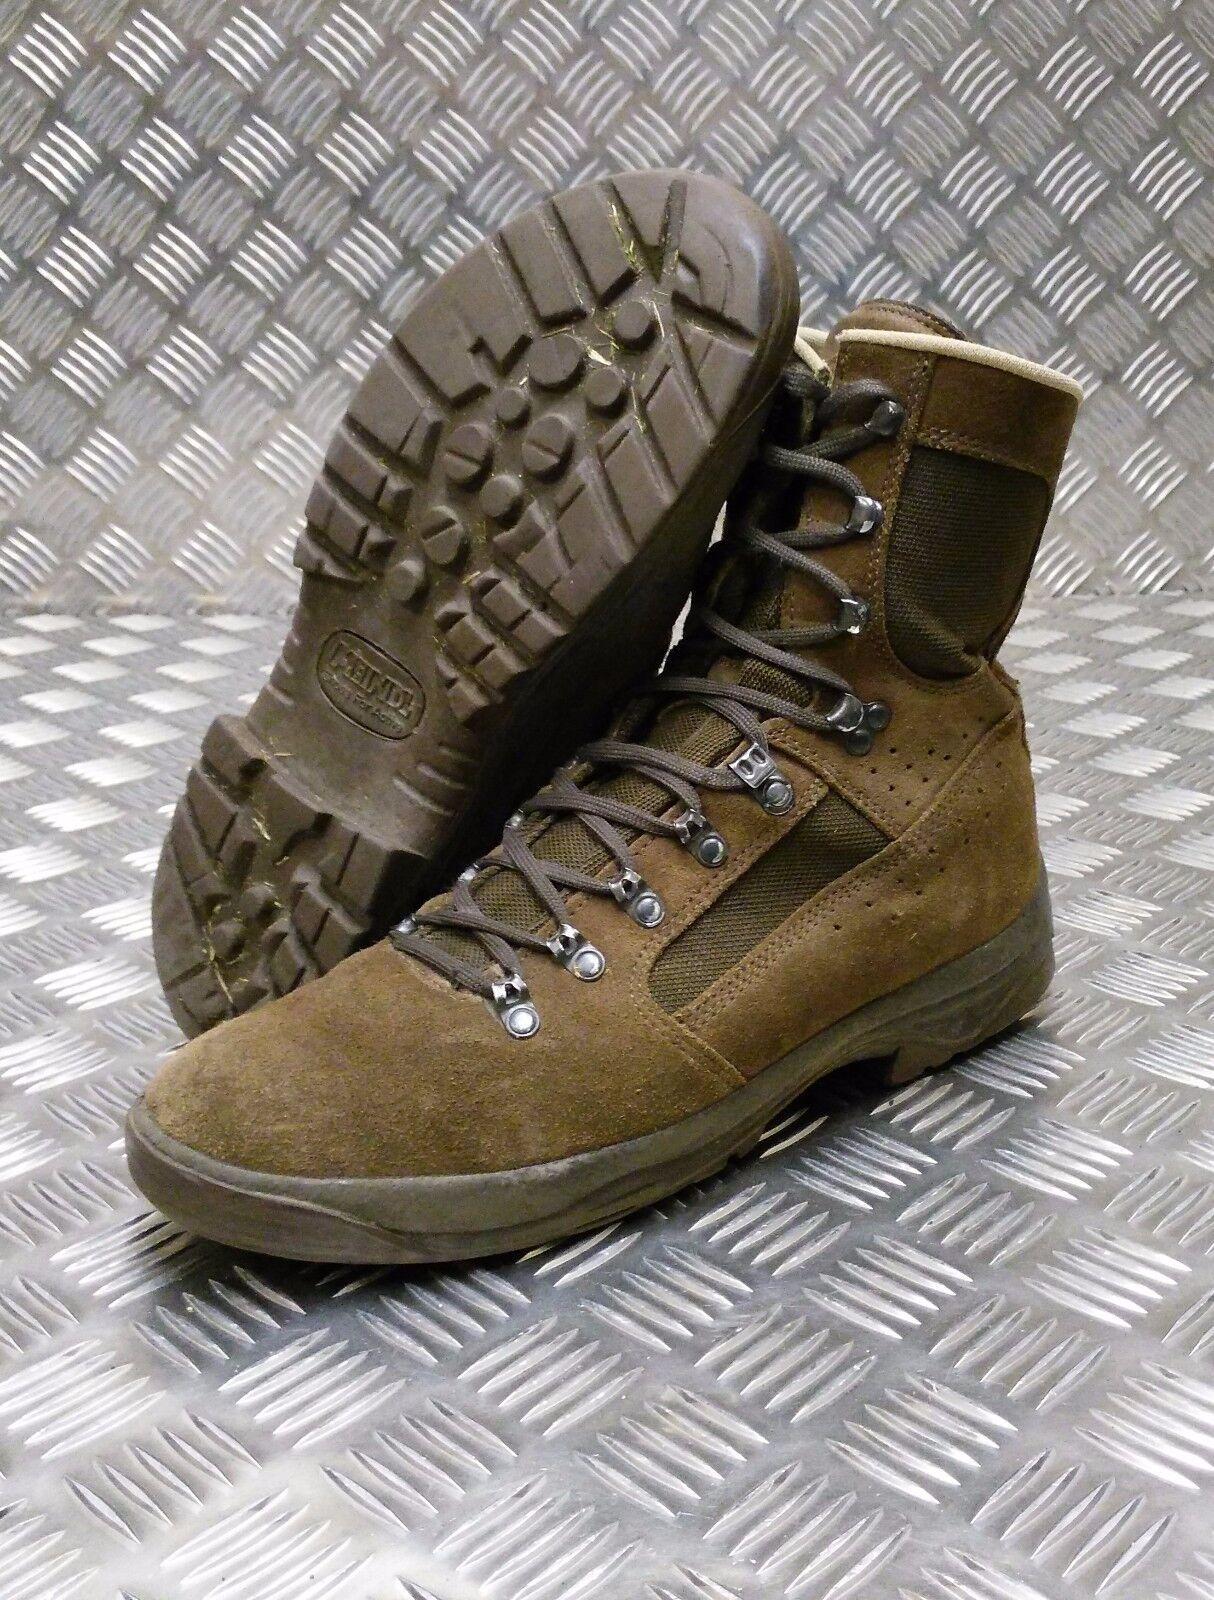 Autentico Esercito Inglese Meindl responsabilità donna gambale da combattimento desert boots Marrone